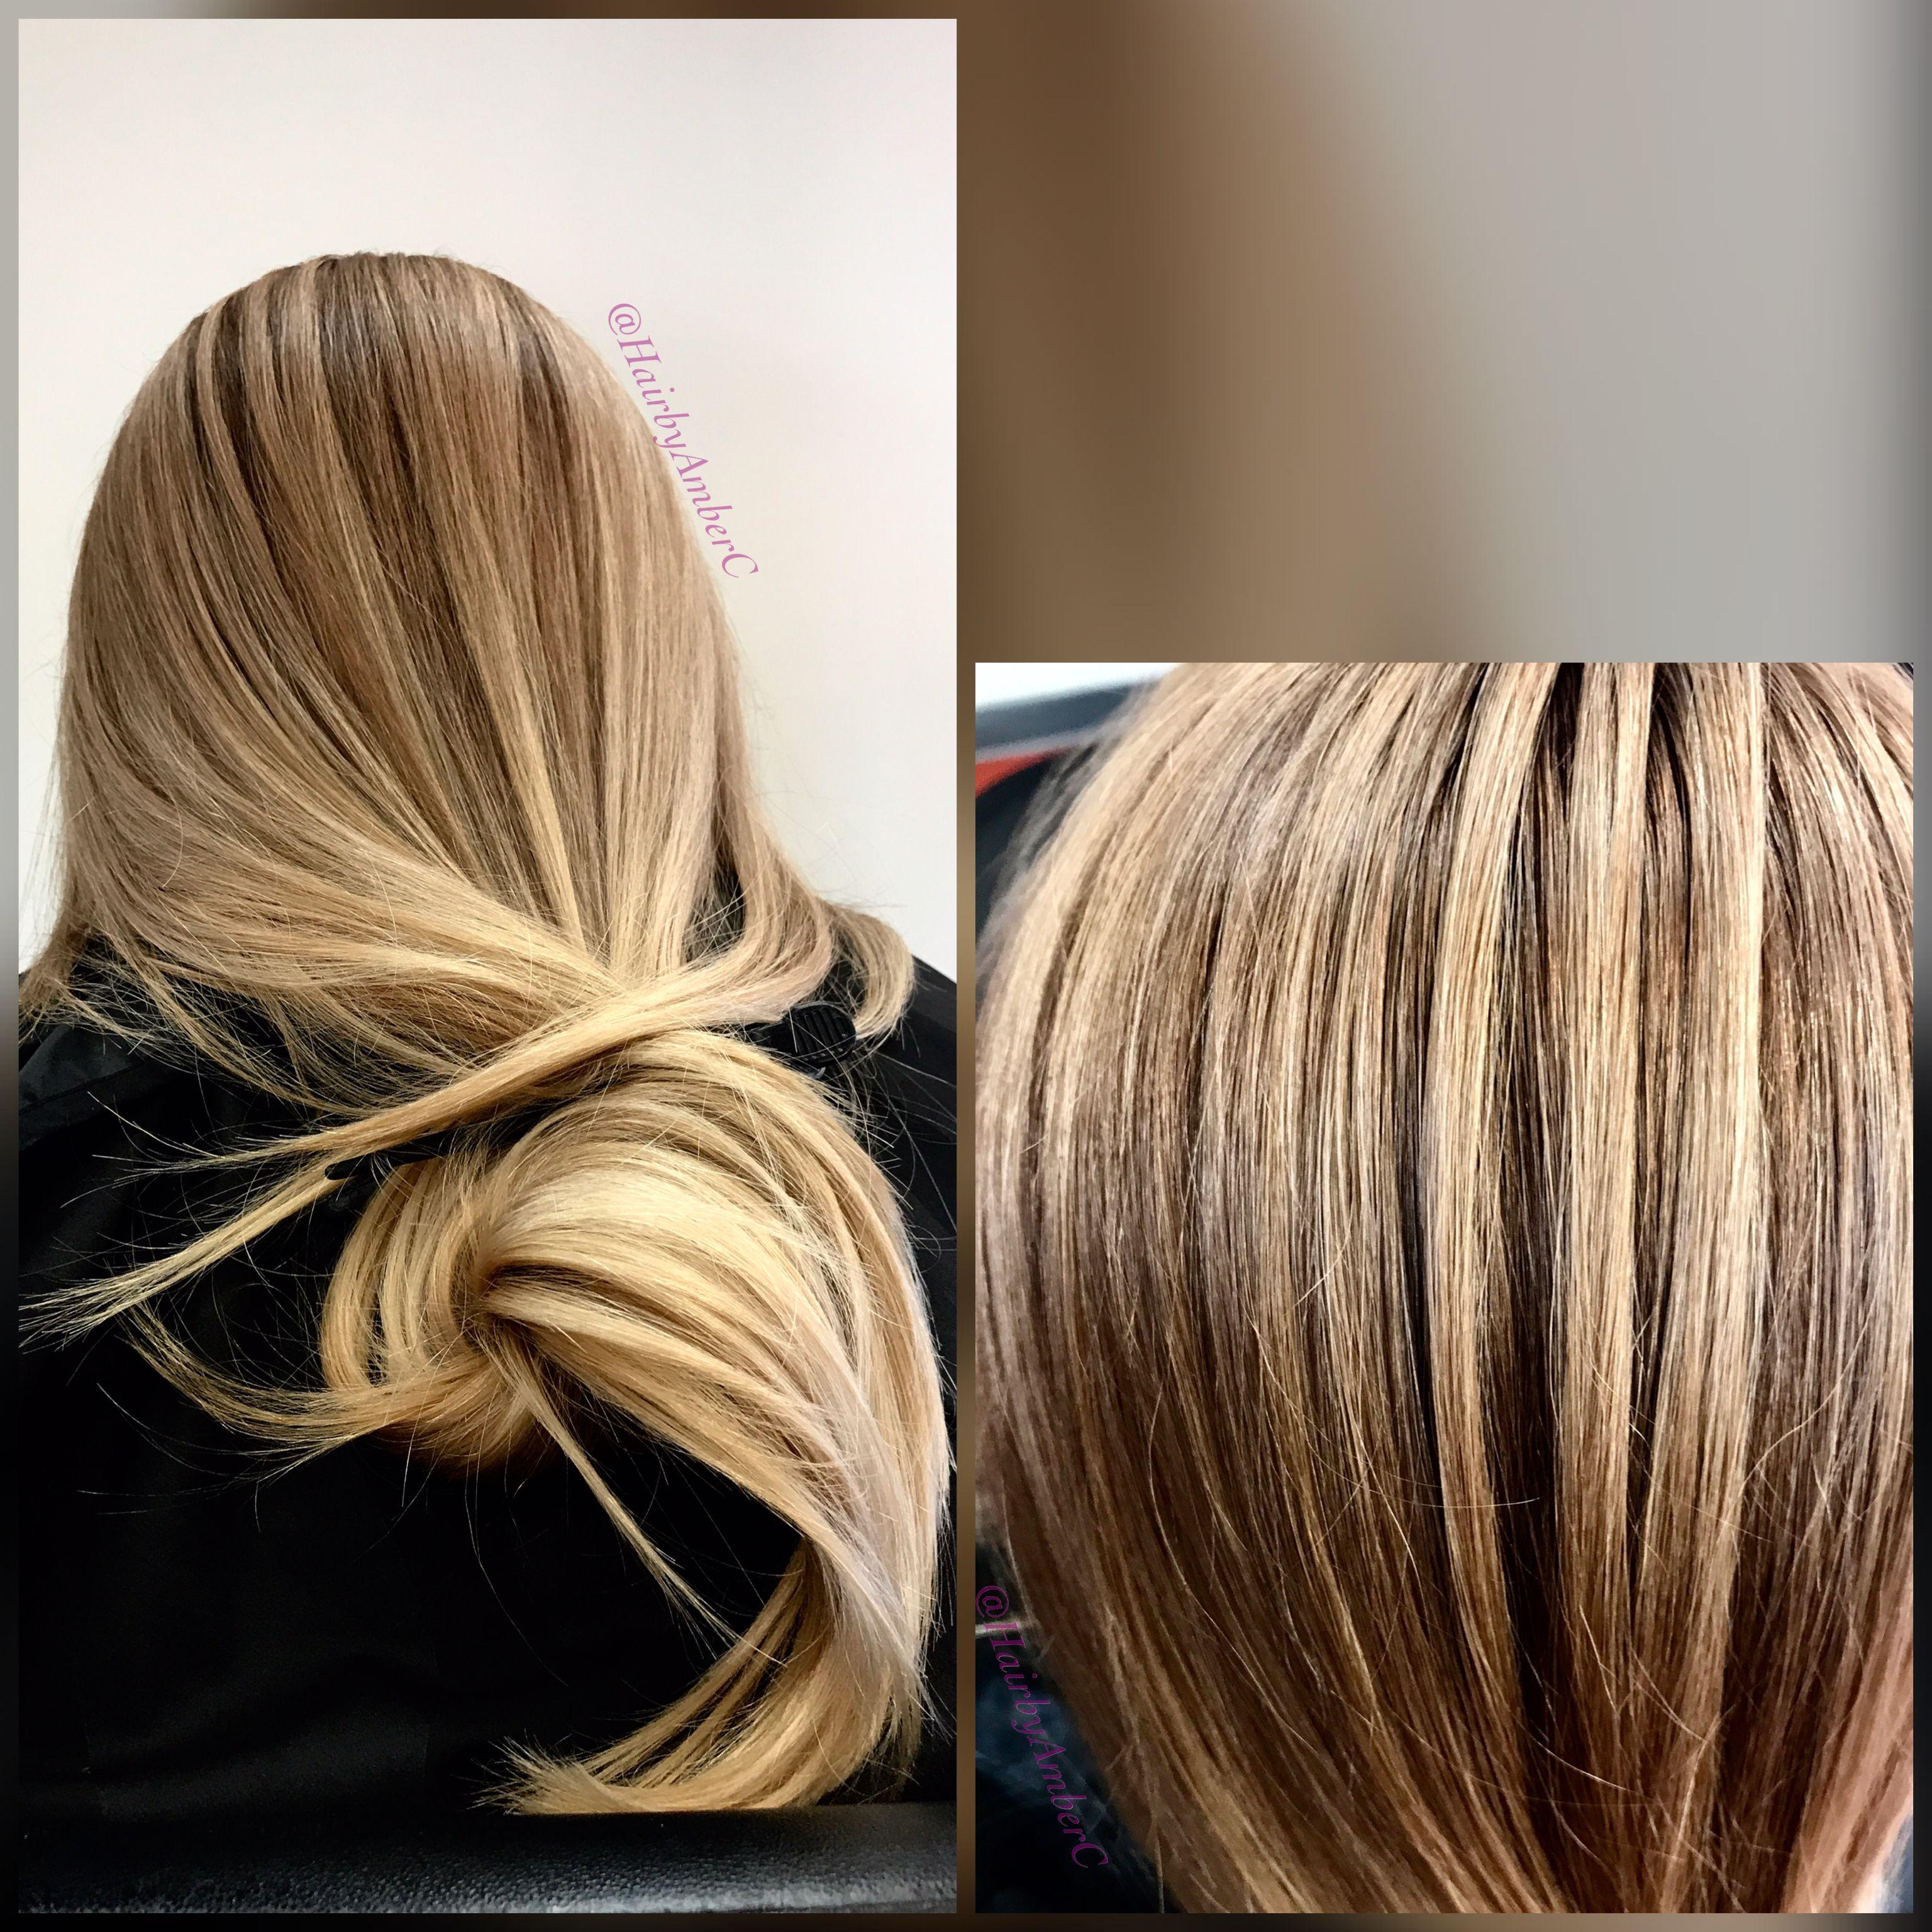 hairbyamberc Color melt on virgin hair 😍 Gorgeous